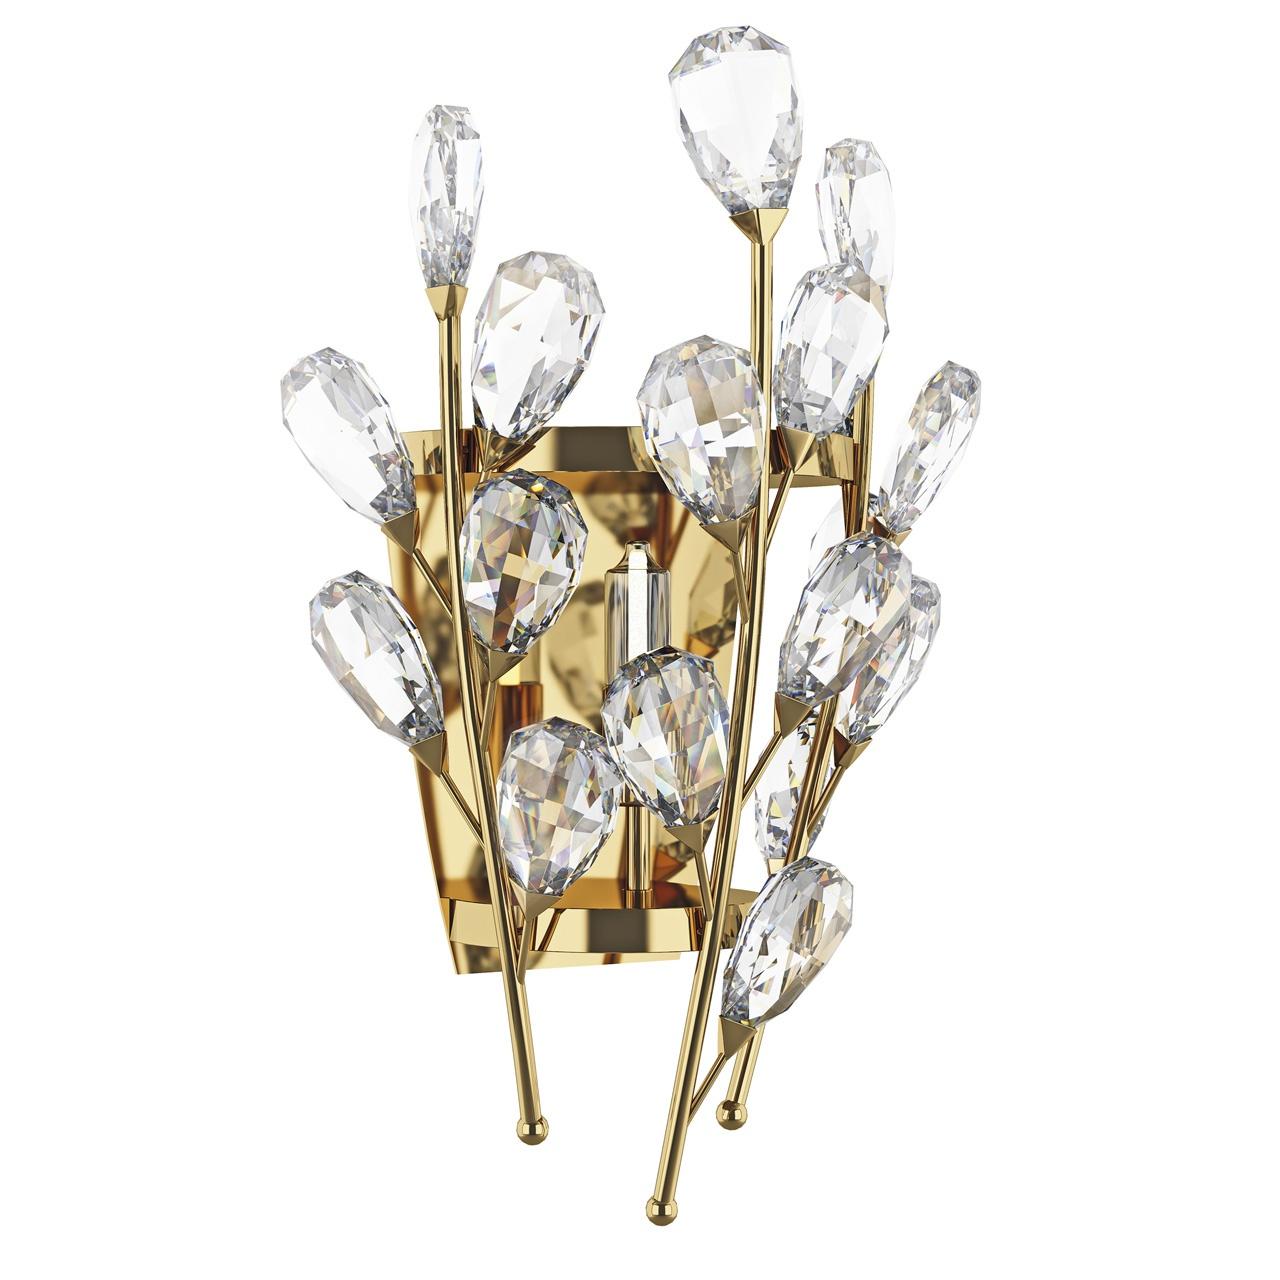 антикварные люстры лампы светильники купить